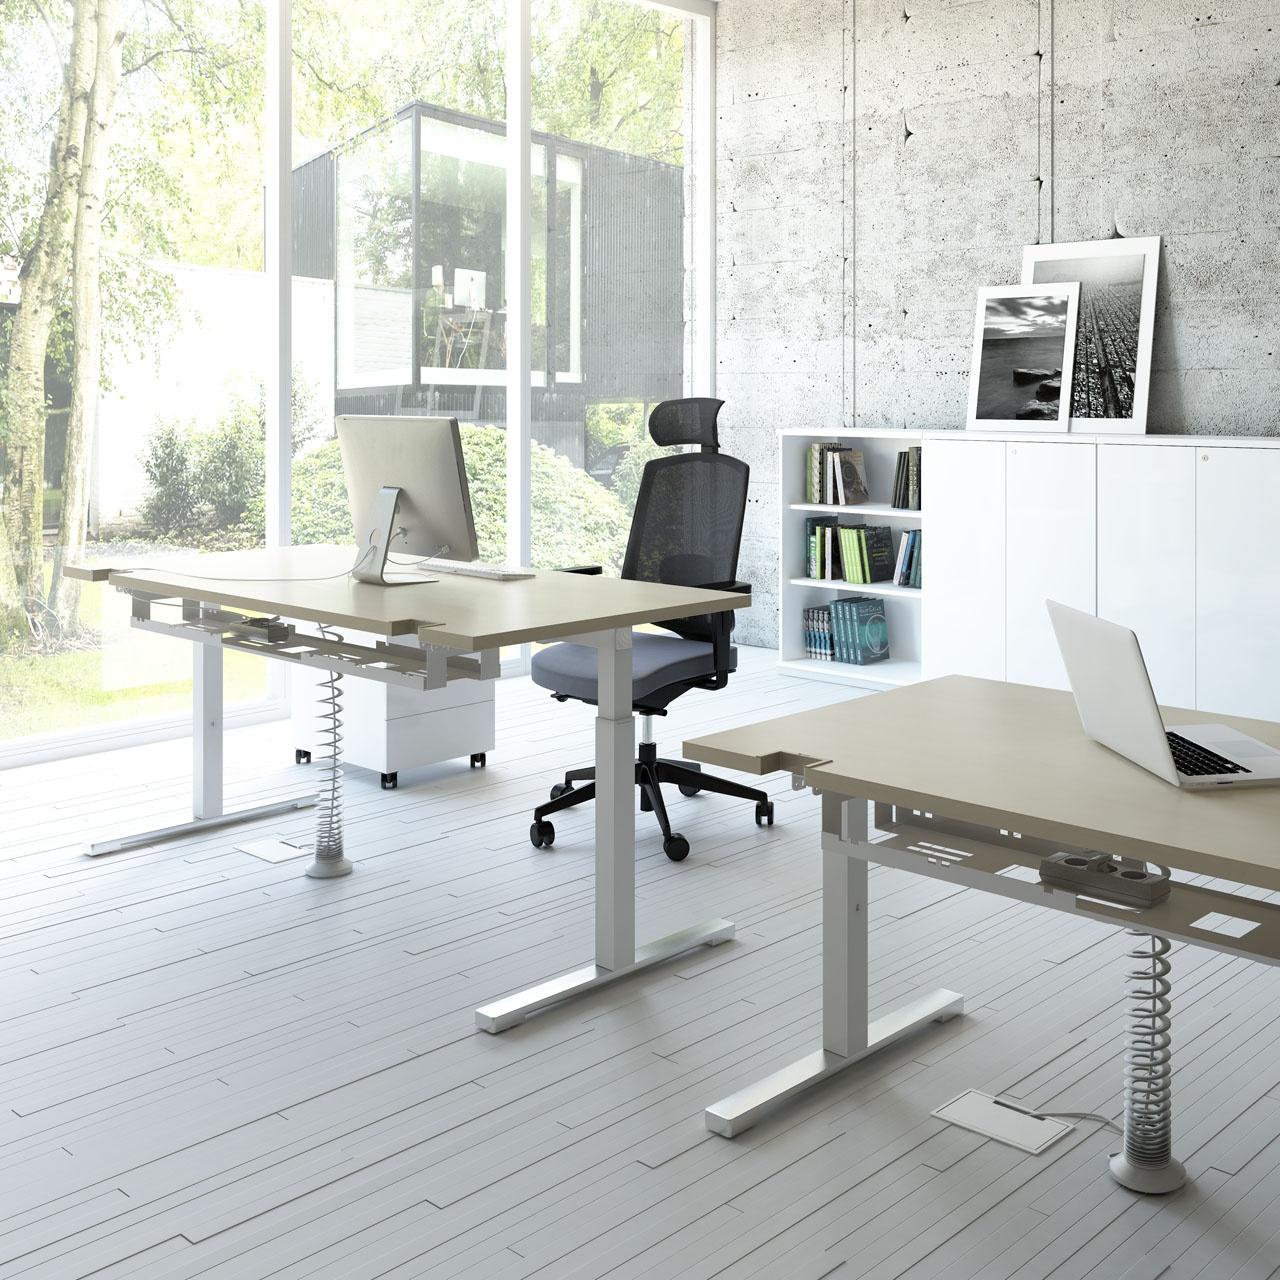 Najwyższej jakości ergonomiczne meble biurowe